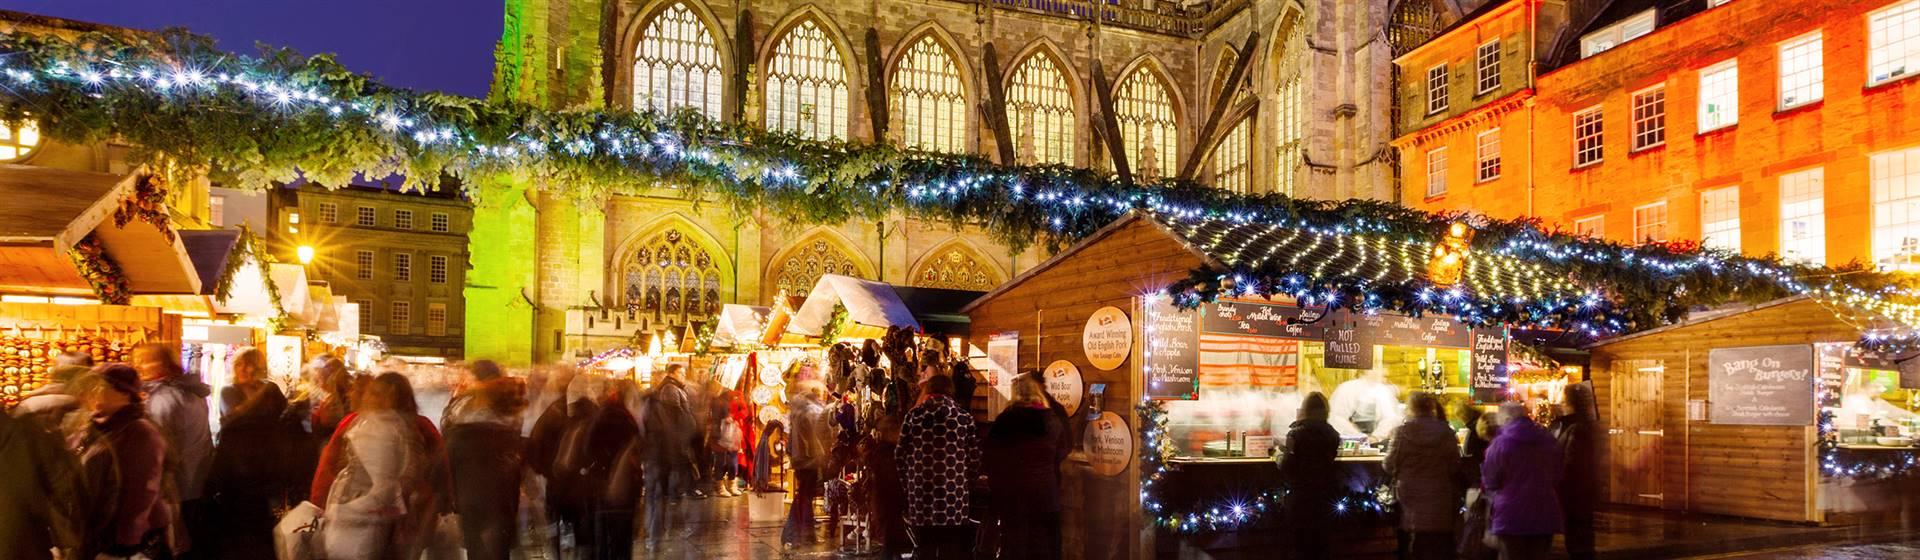 Bath & Cardiff Markets